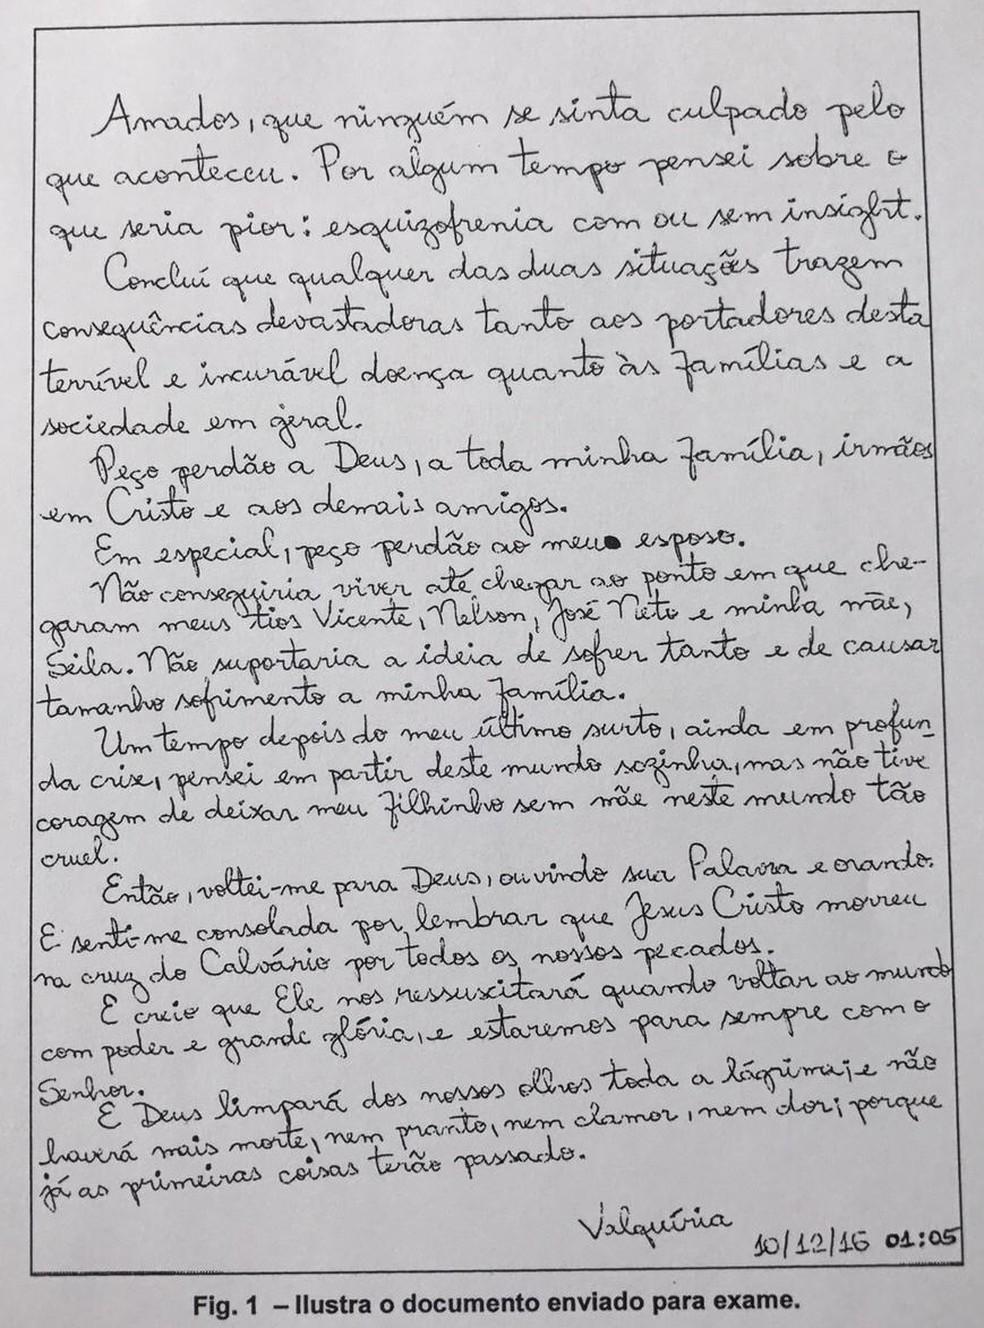 Em carta deixada por Valquíria, que cometeu suicídio com o filho, a médica pede perdão para o marido. — Foto: Arquivo pessoal